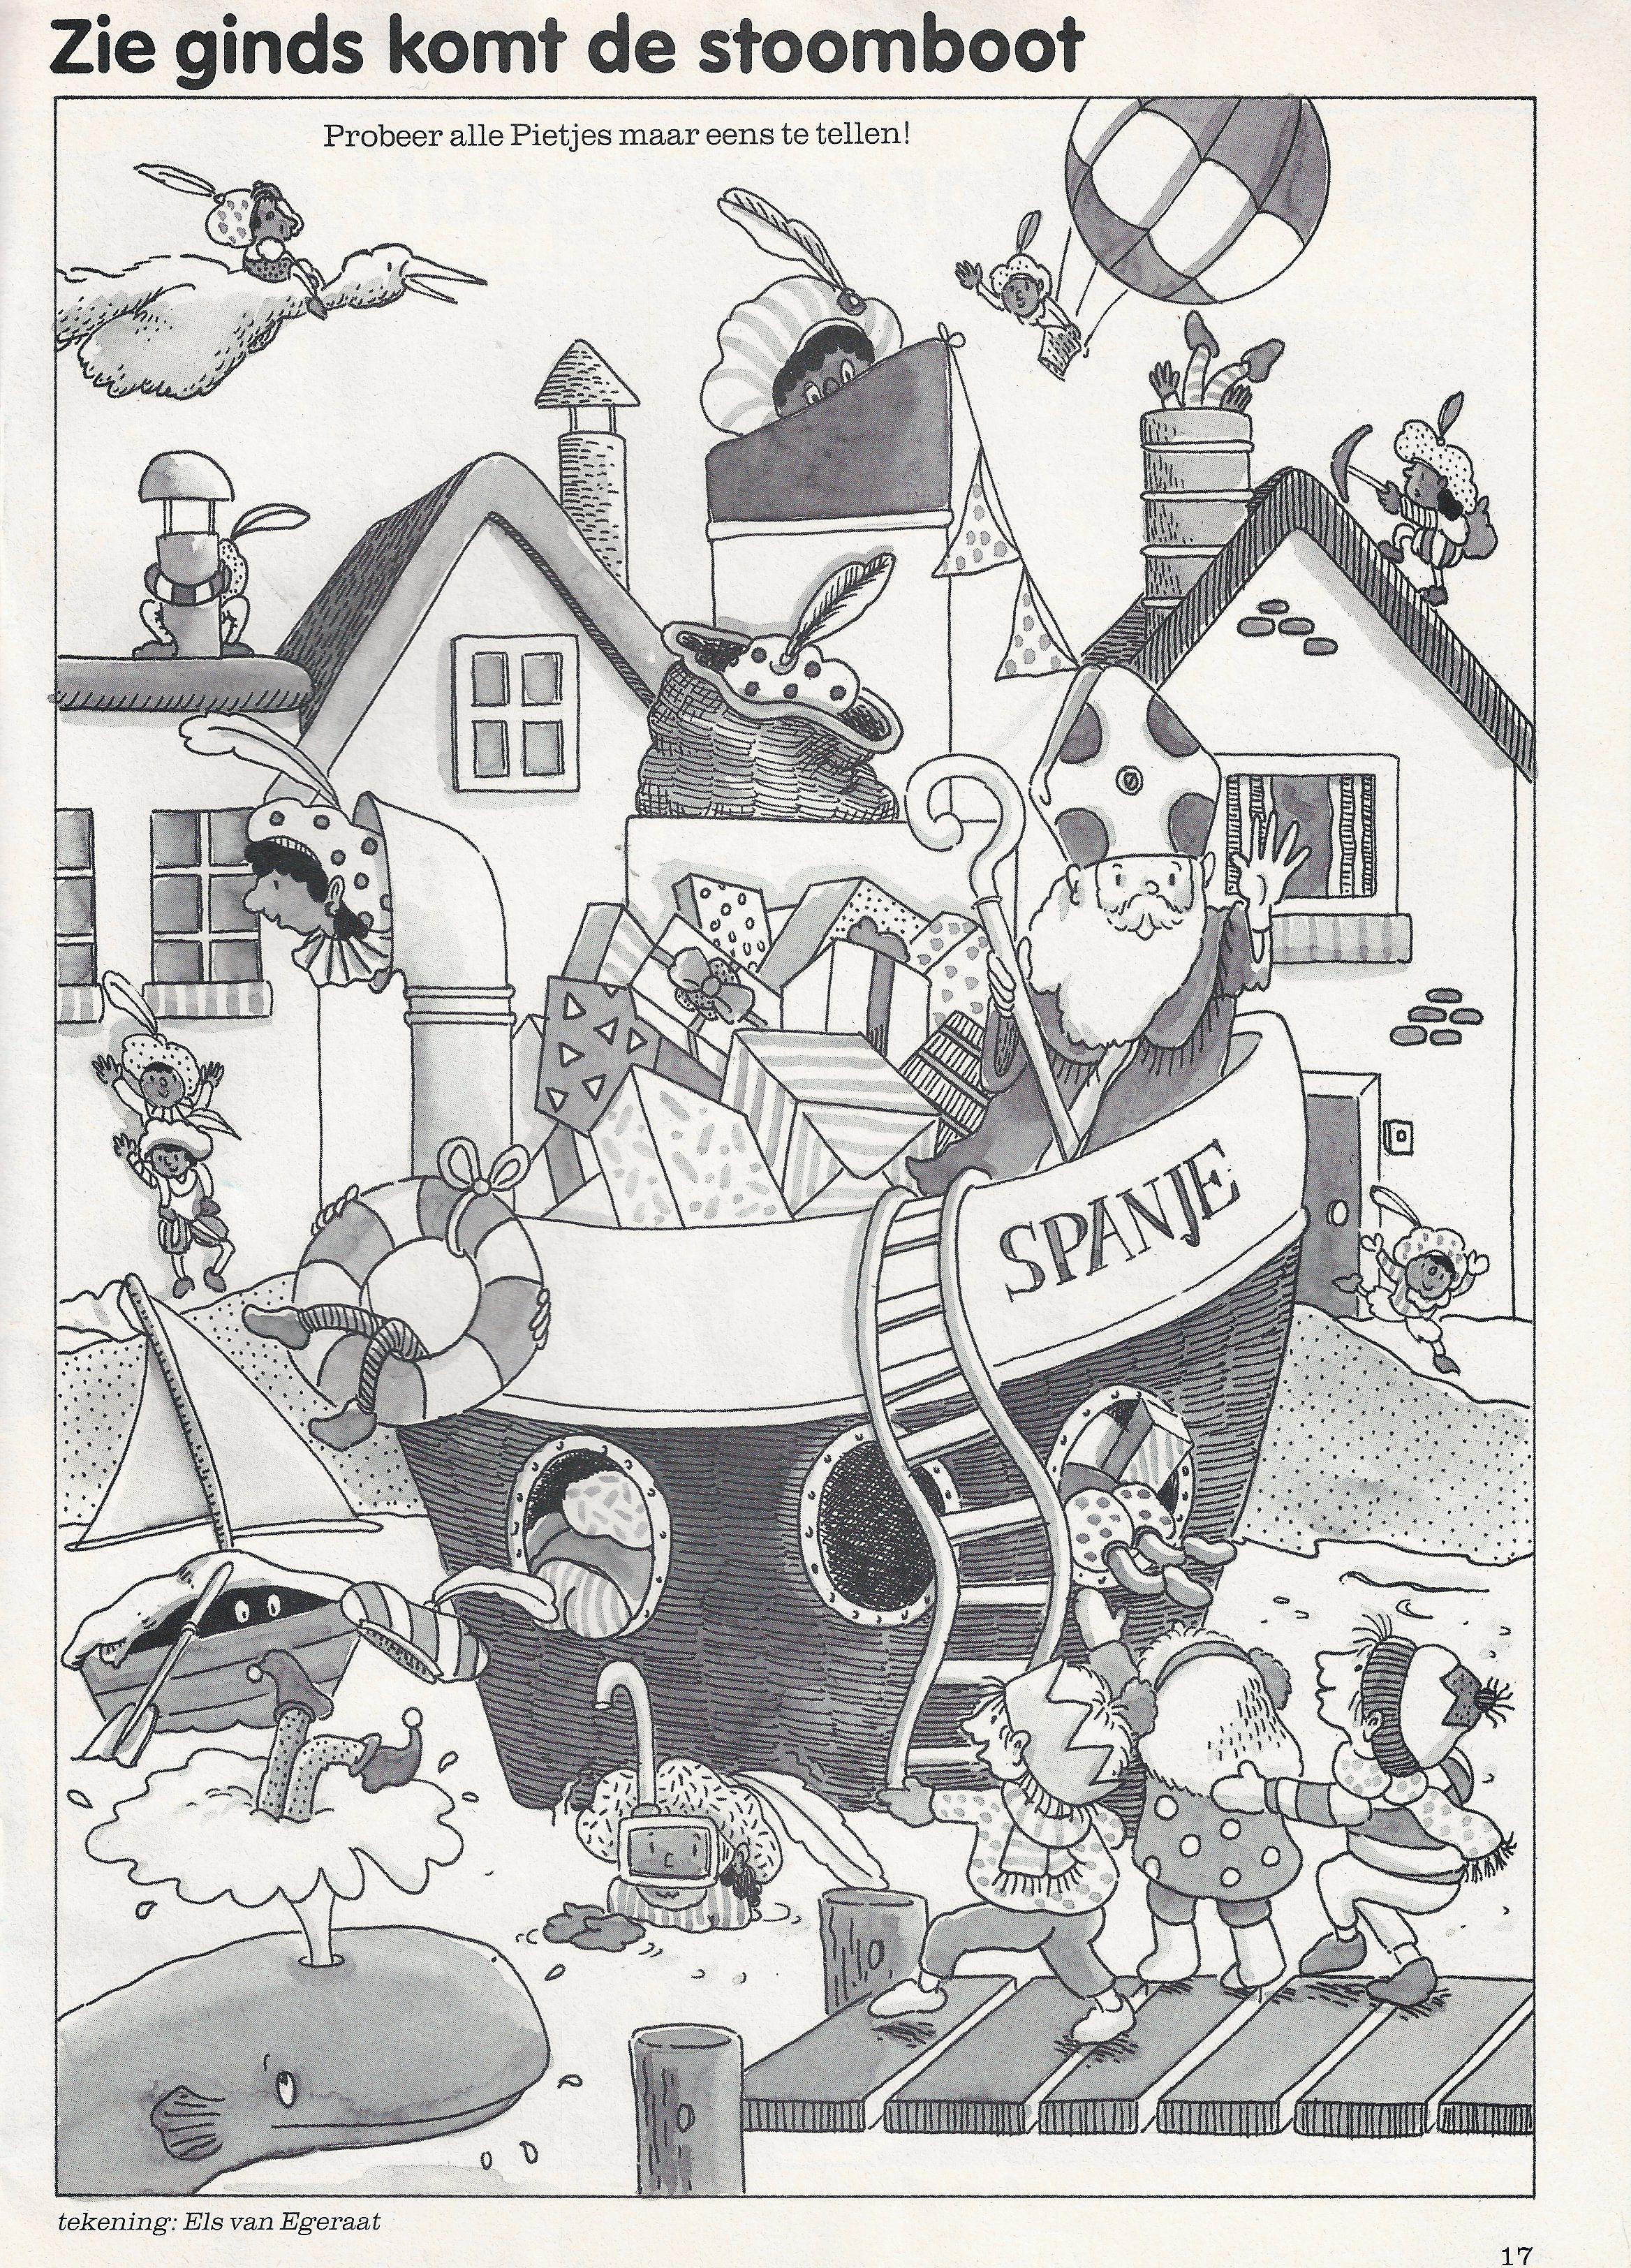 Werkblad Visueel Zoek De Pieten Sinterklaas Sinterklaas Thema Zwarte Piet